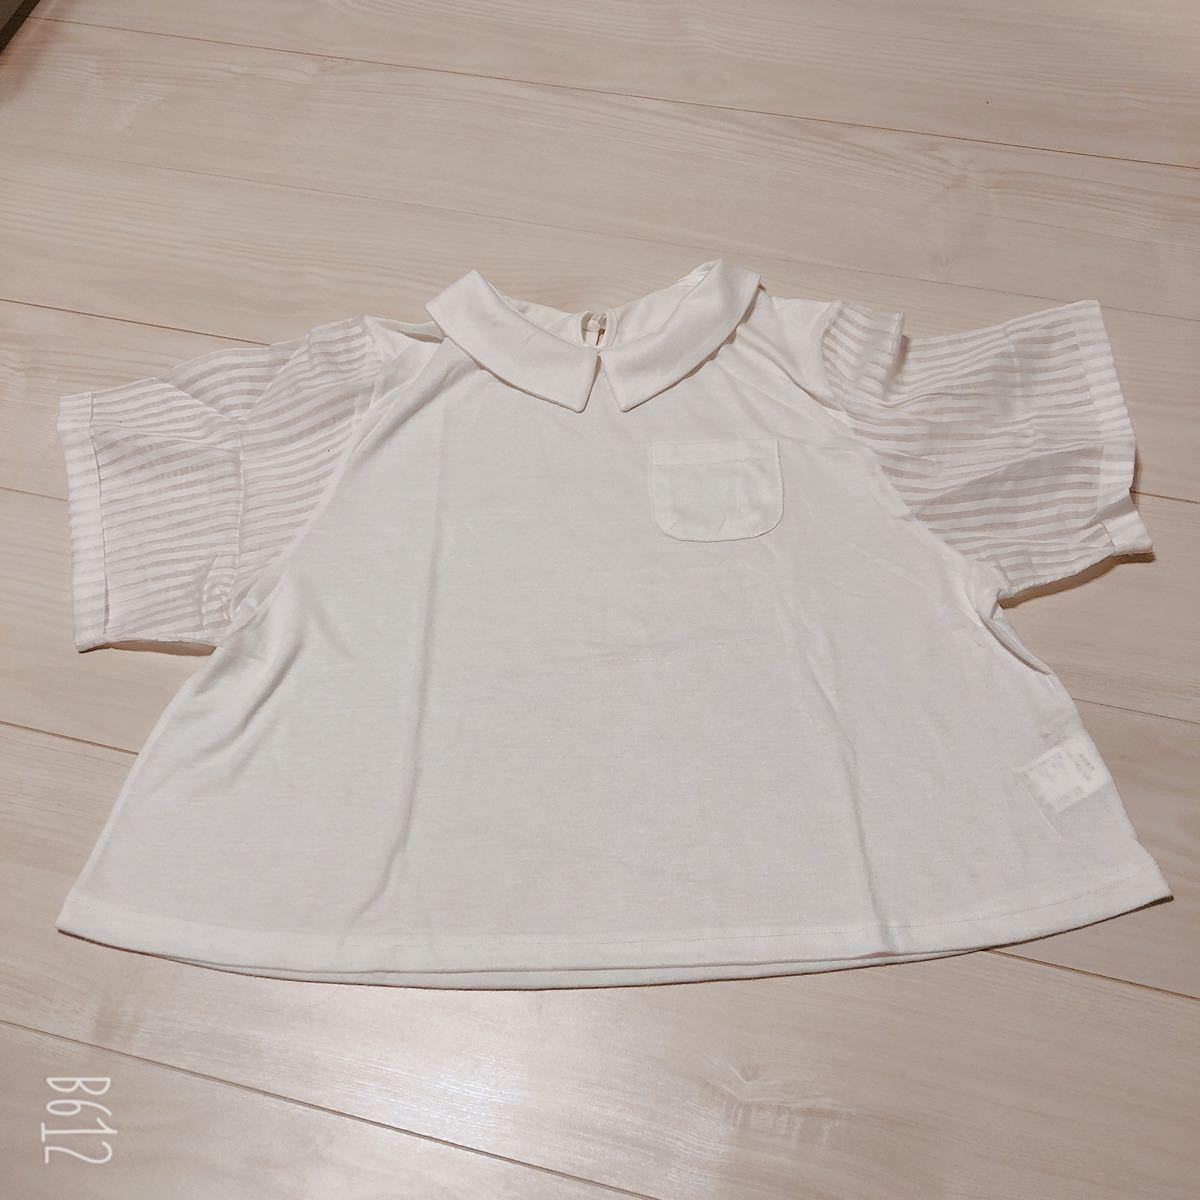 半袖Tシャツ トップス カットソー シンプル シースルー ボーダー